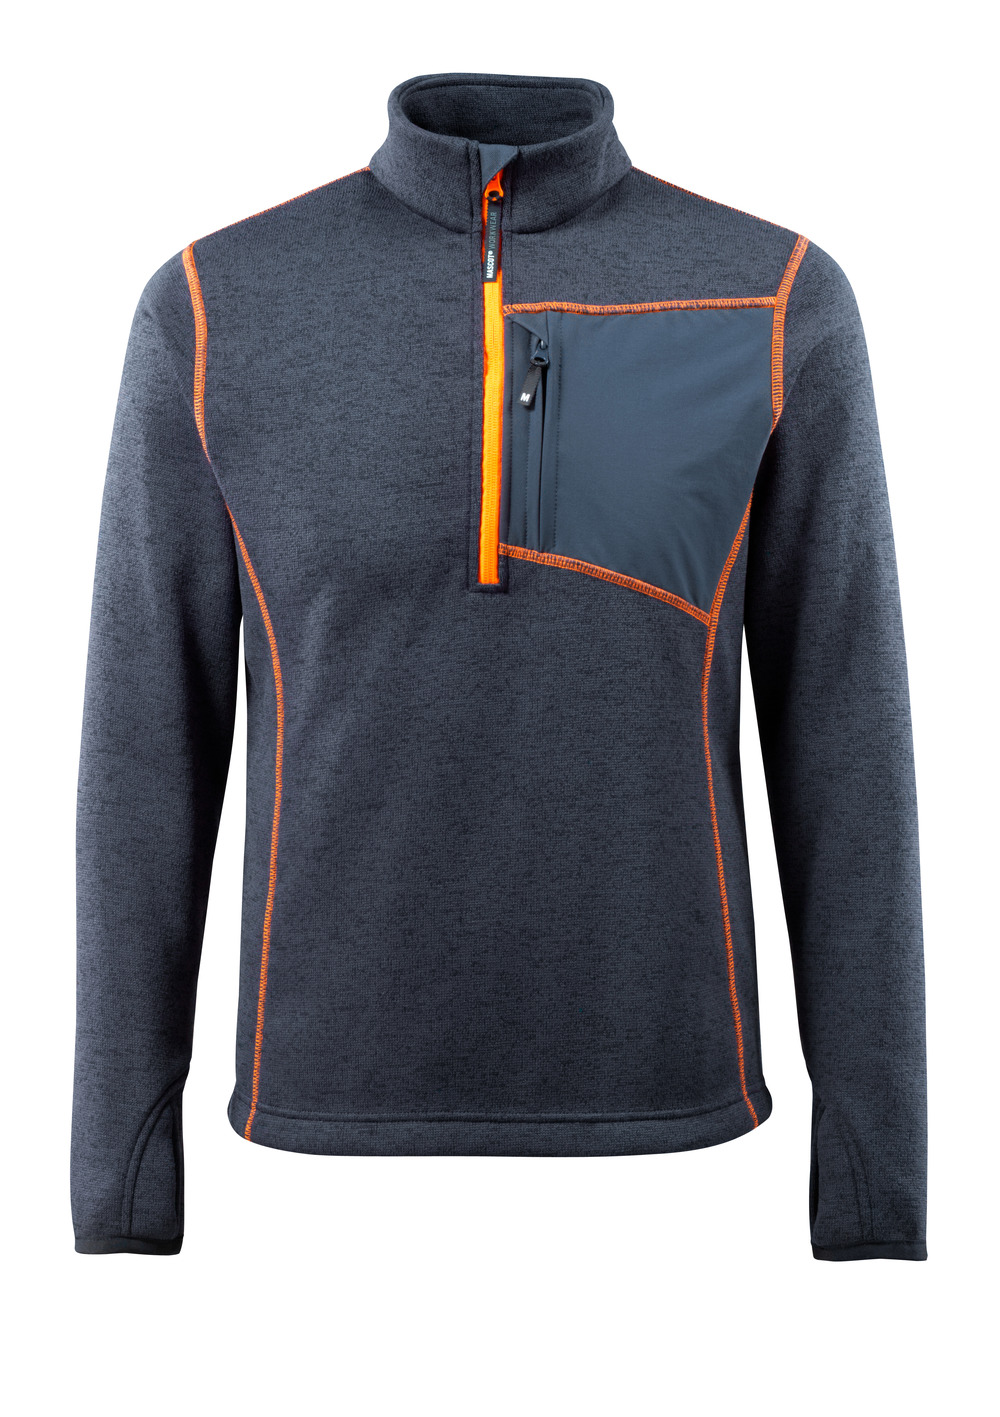 50149-951-010 Knitted Jumper with half zip - dark navy